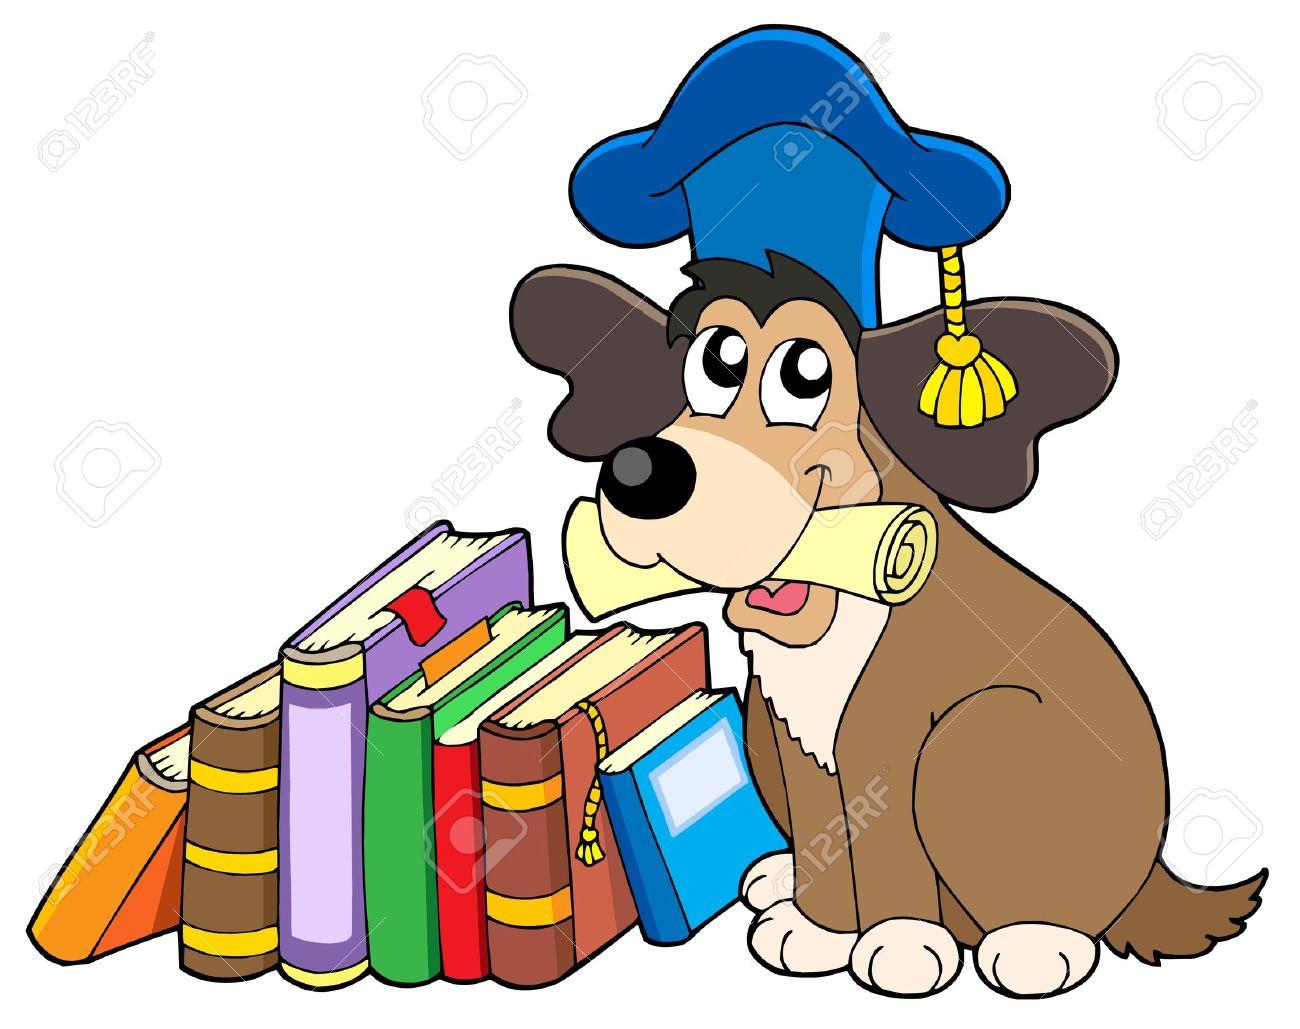 dog teacher with books vector illustration royalty free cliparts rh 123rf com  free farm animal clipart for teachers